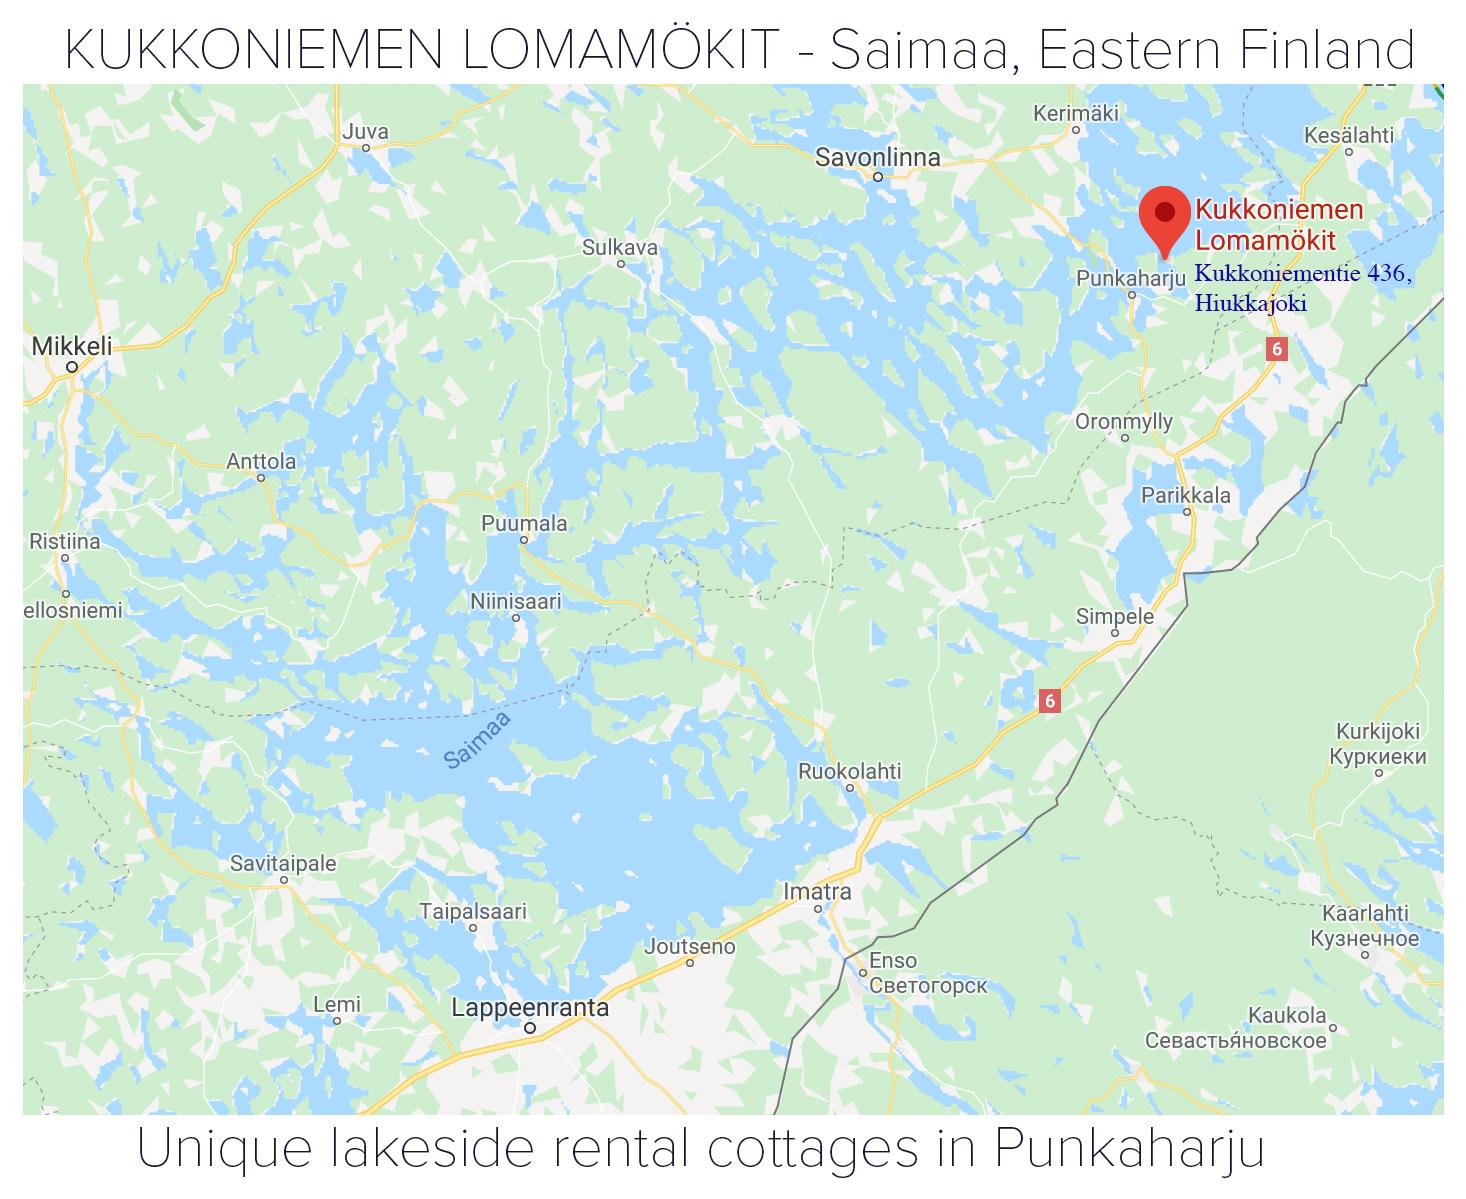 Kukkoniemen Lomamökit rental cottages in Punkaharju, Saimaa, Finland